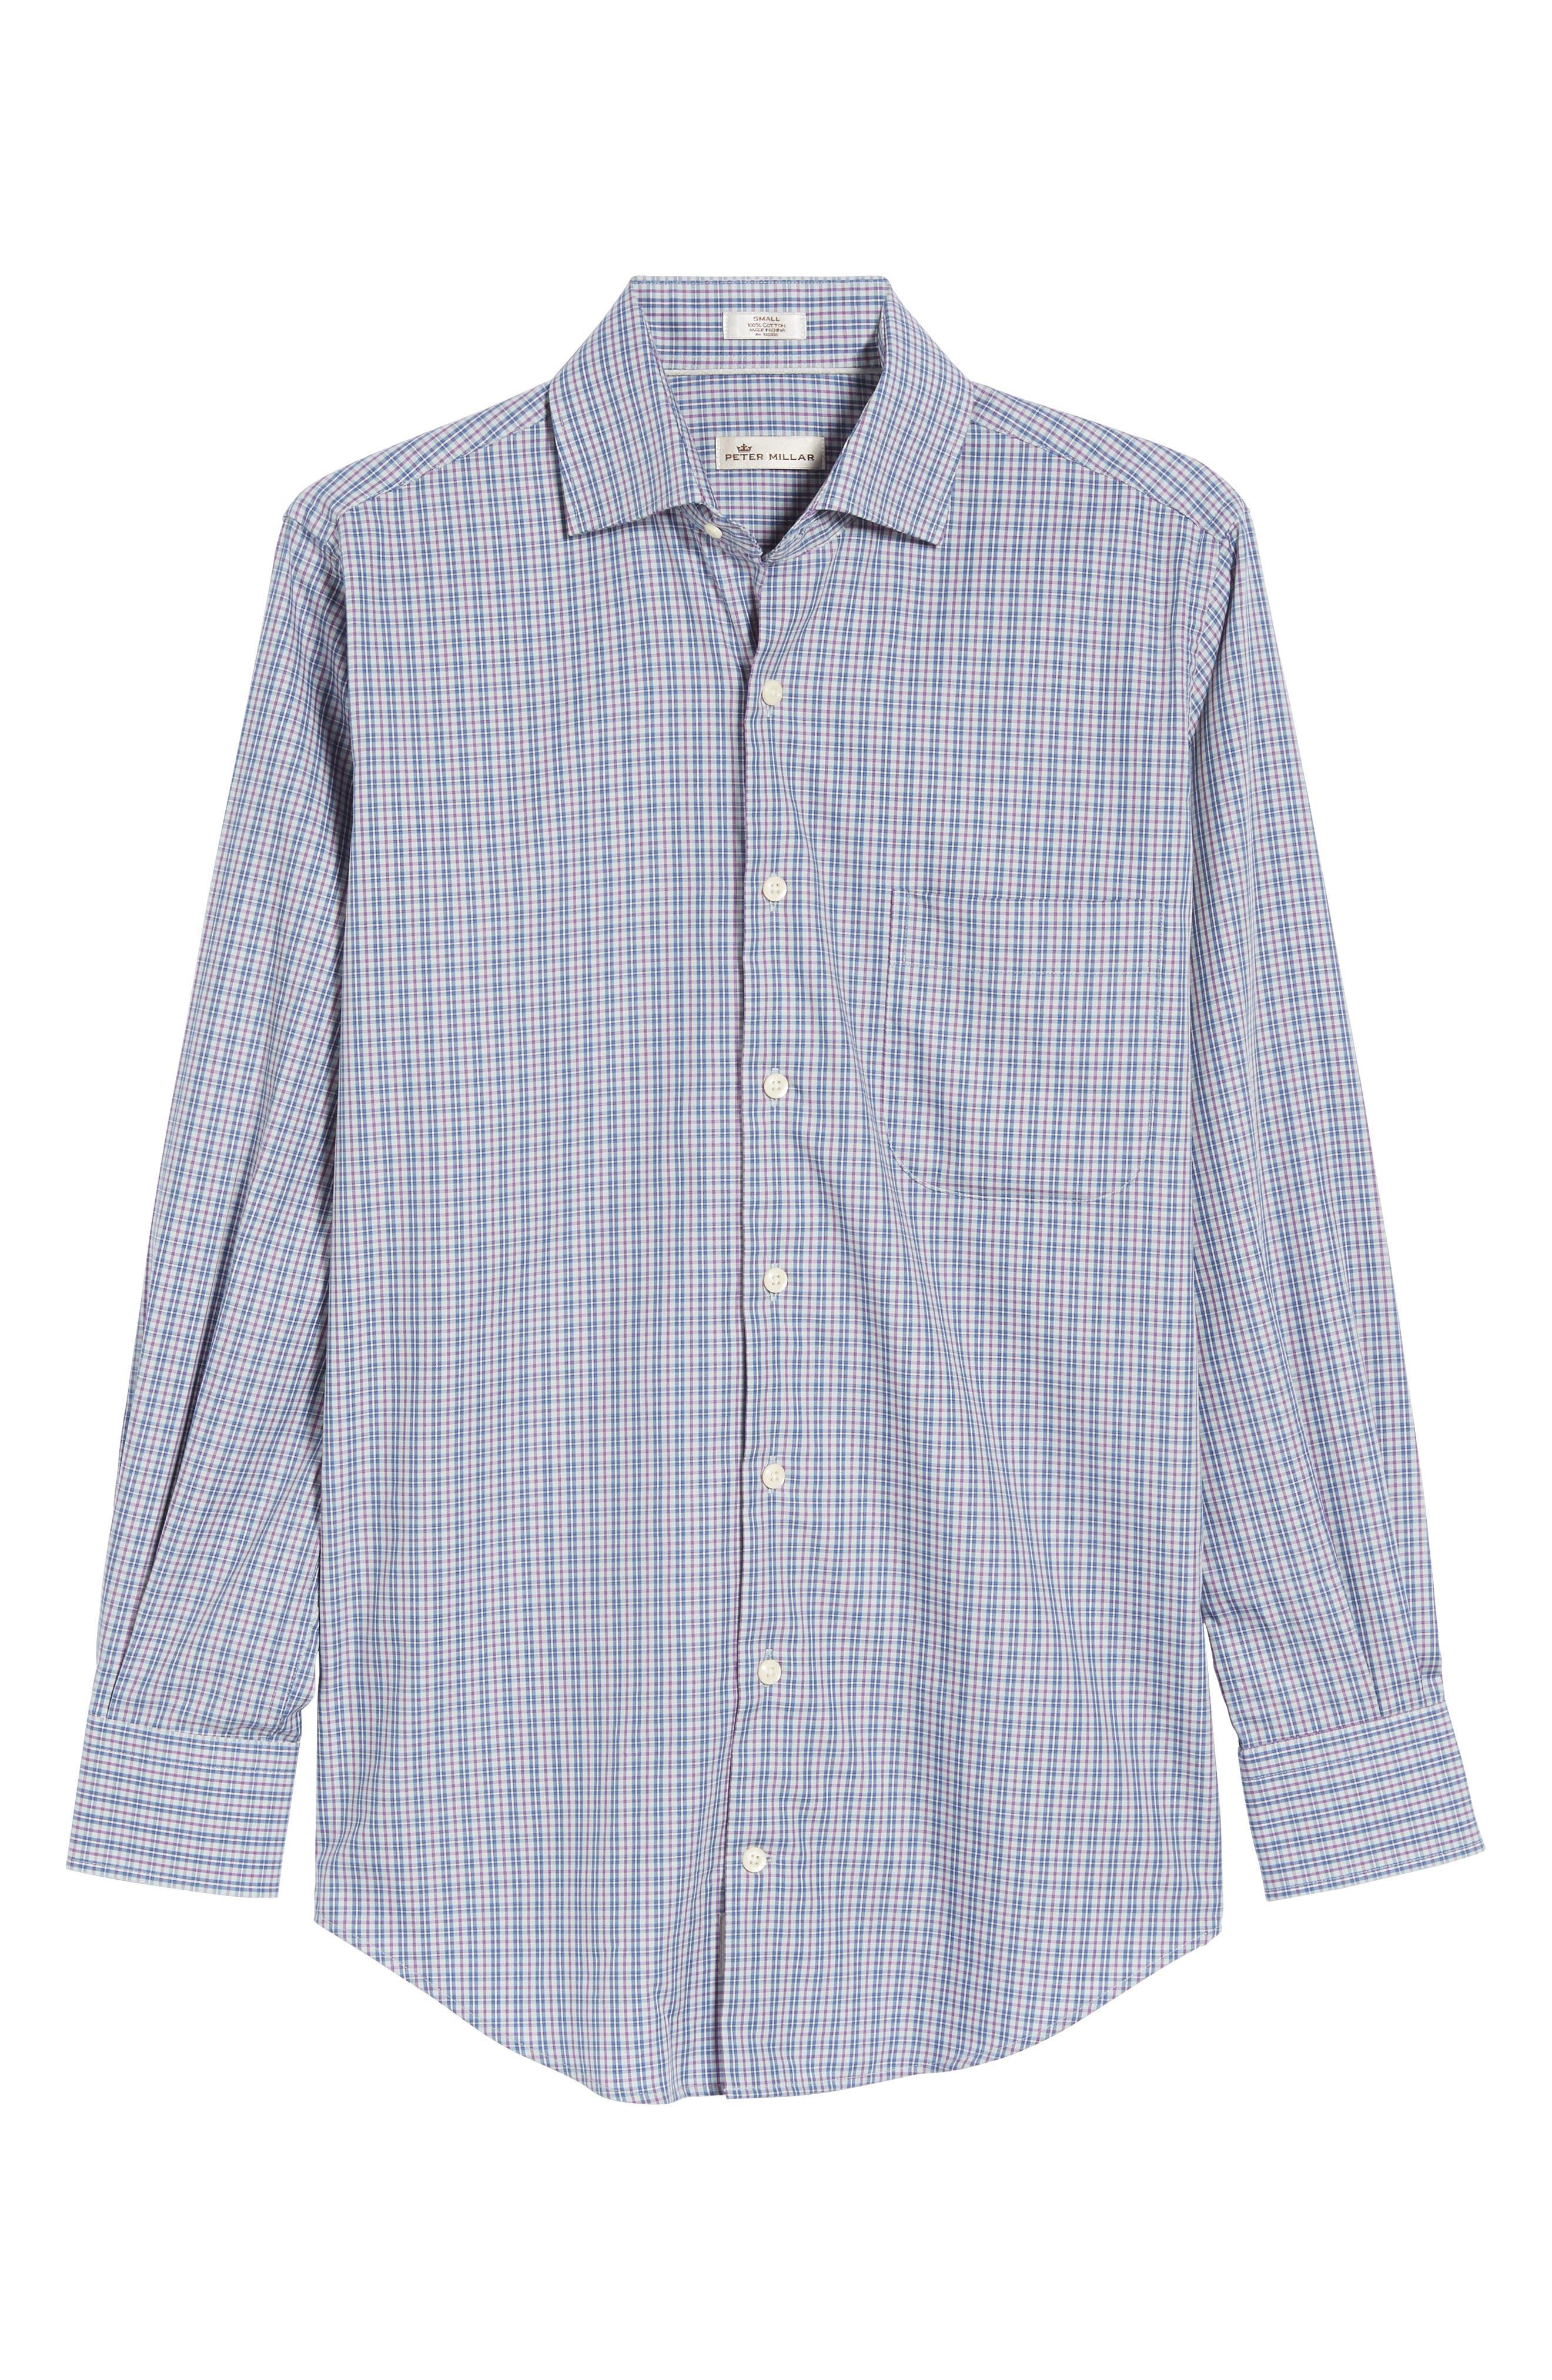 Hillock Plaid Regular Fit Sport Shirt,                             Alternate thumbnail 6, color,                             Stingray